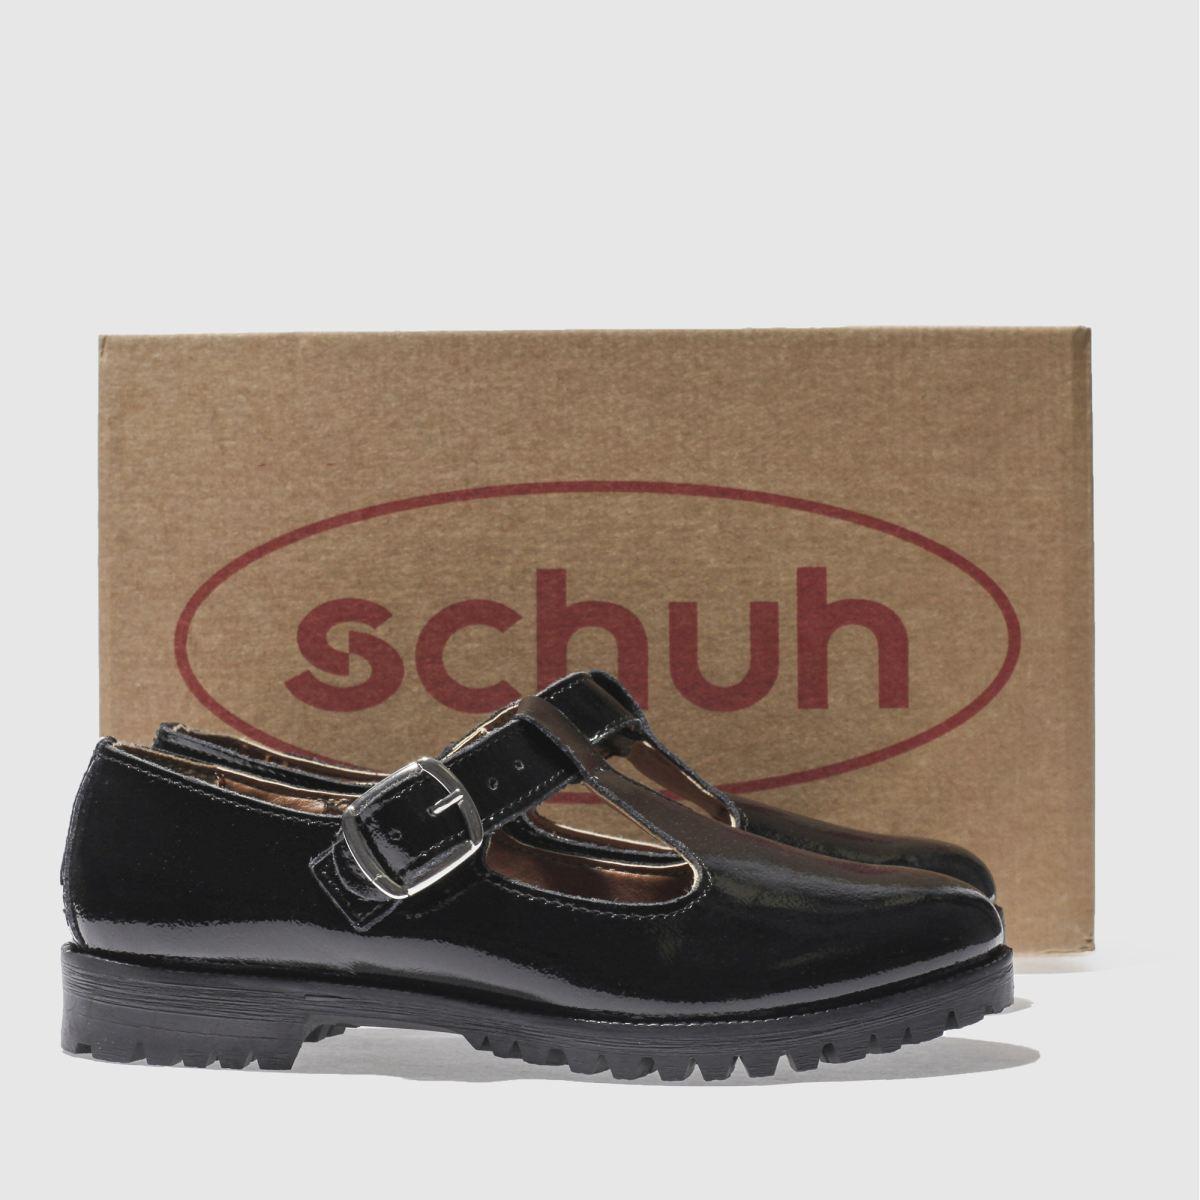 Damen Schwarz schuh Qualität Making Meadows Flats   schuh Gute Qualität schuh beliebte Schuhe 6952cf